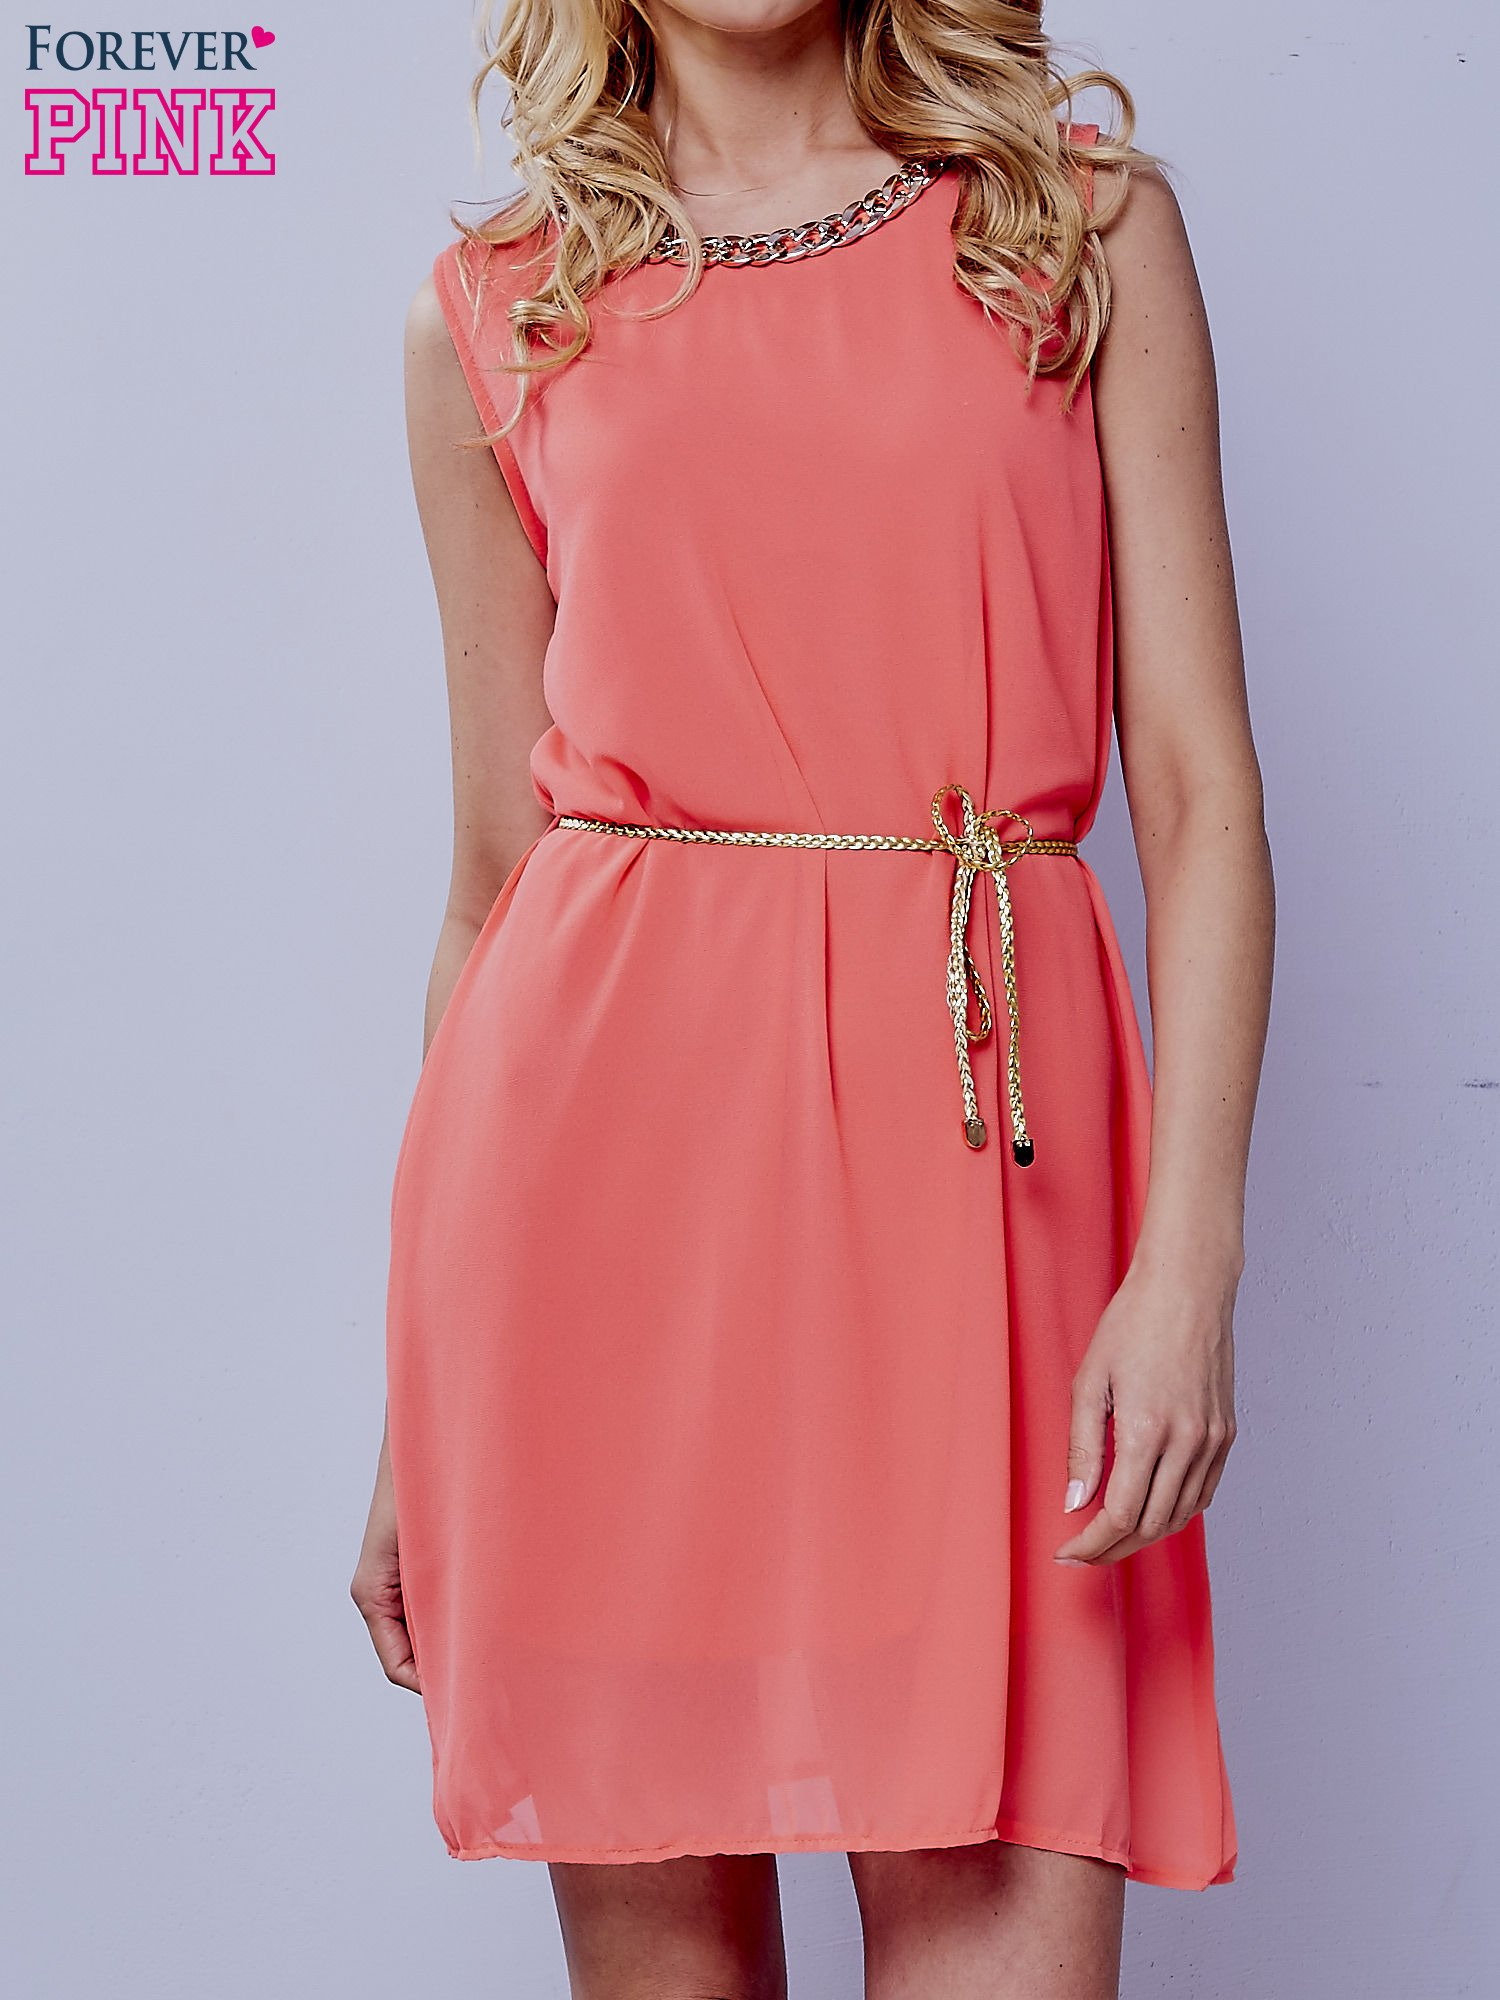 Koralowa sukienka ze złotym łańcuszkiem przy dekolcie                                  zdj.                                  1